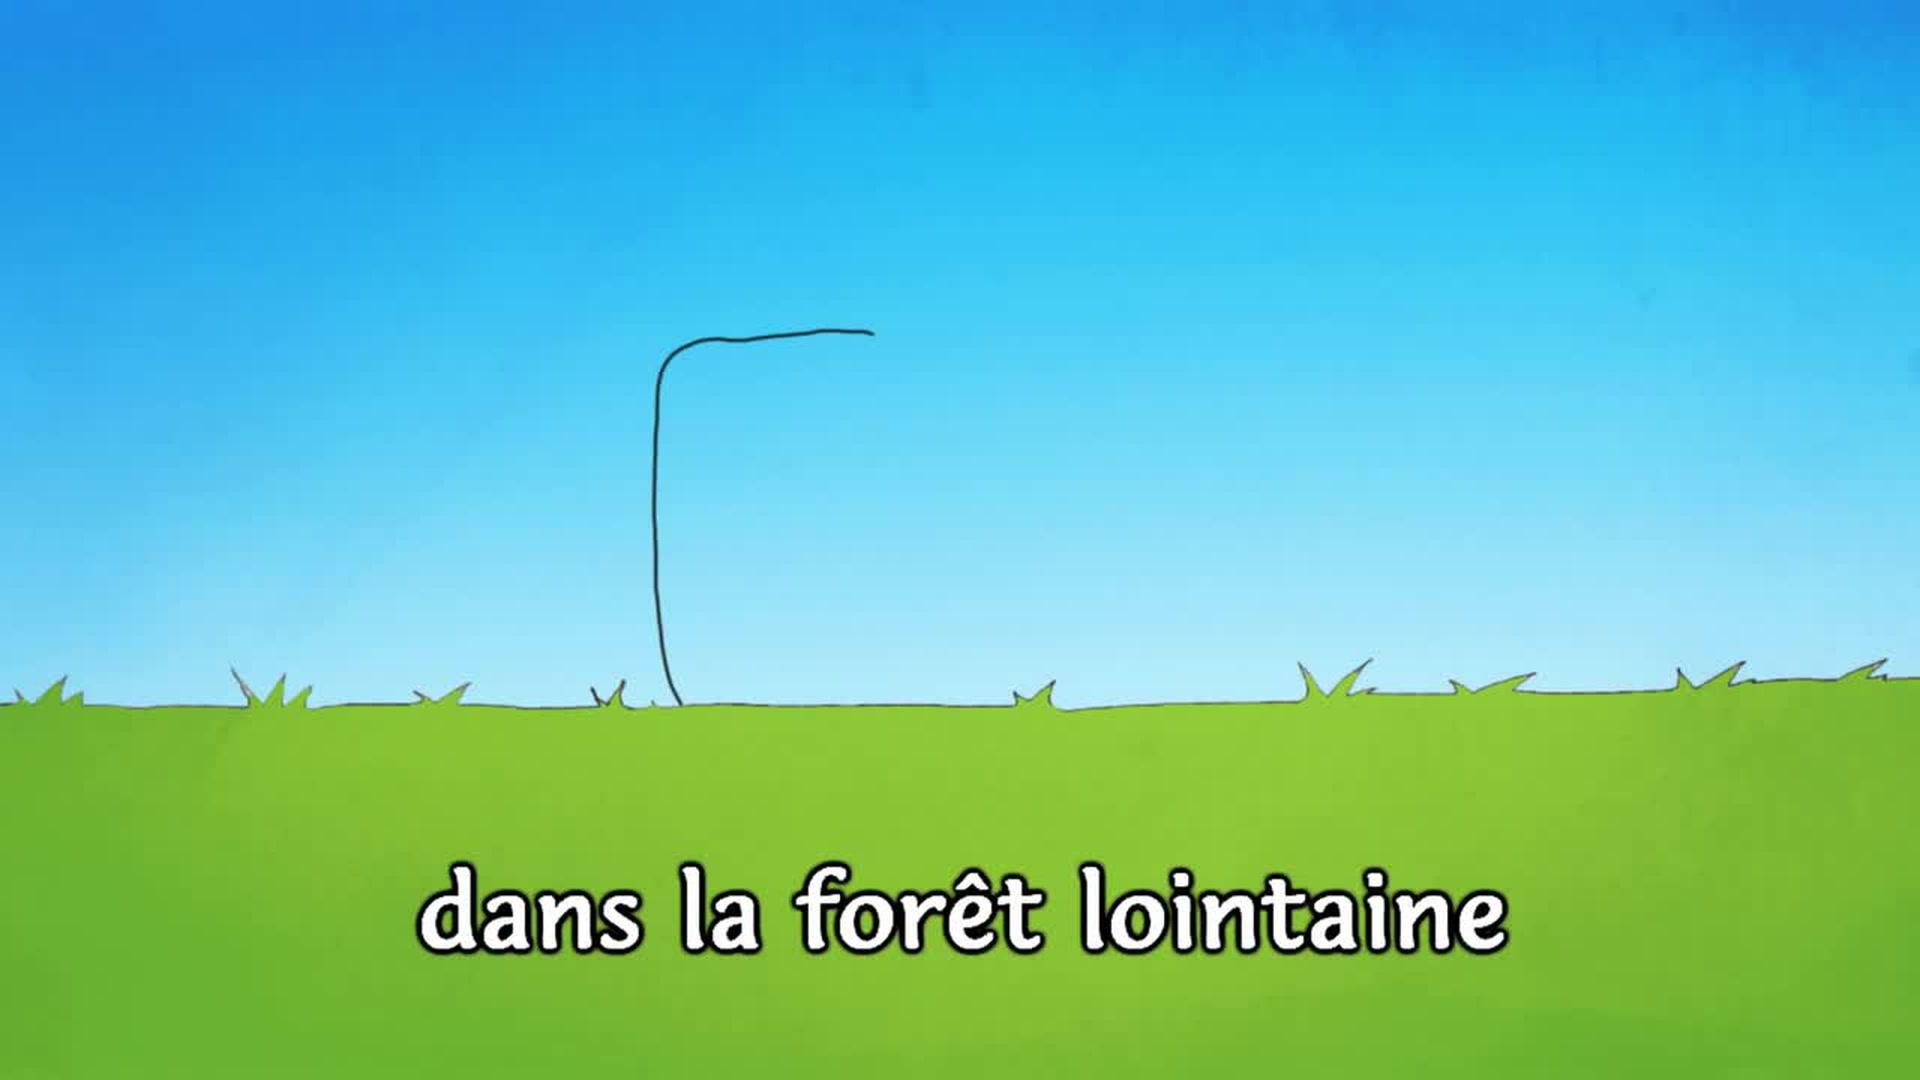 Vidéo De La Chanson Dans La Forêt Lointaine